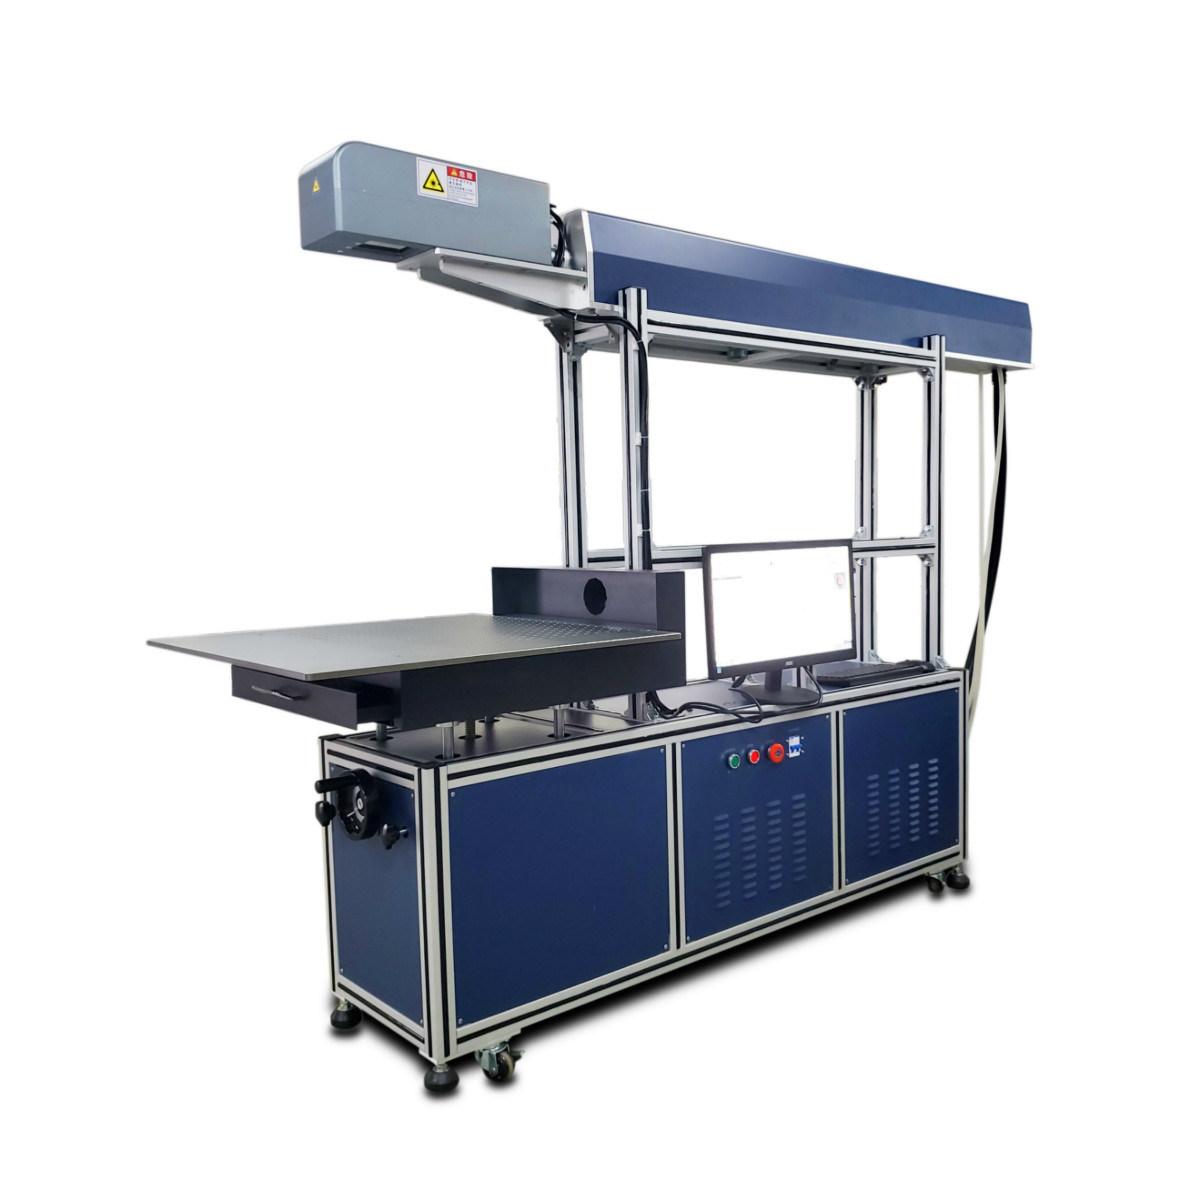 일련 번호 청바지 서류상 카드 가죽 피복 아크릴 음식 및 음료 Ind를 위한 Dynamic400*400 mm Reci 유리관 100W 150W 이산화탄소 Laser 표하기 기계